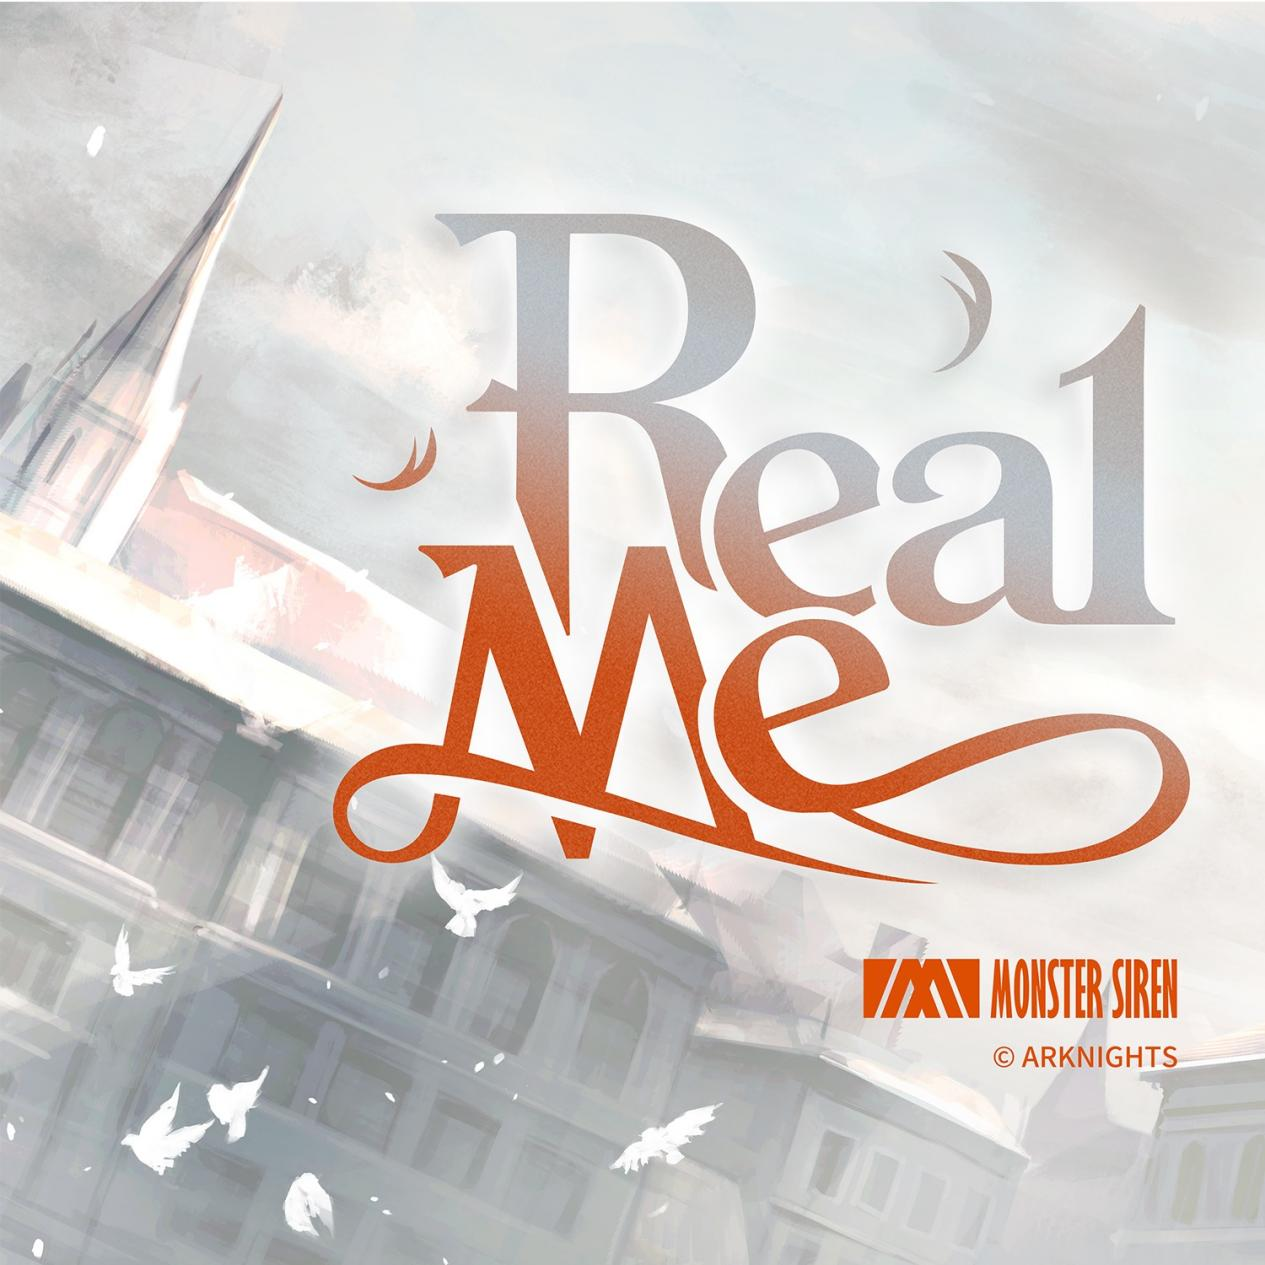 明日方舟:卡涅利安干员曲「real me」享受纯朴地享受真群攻